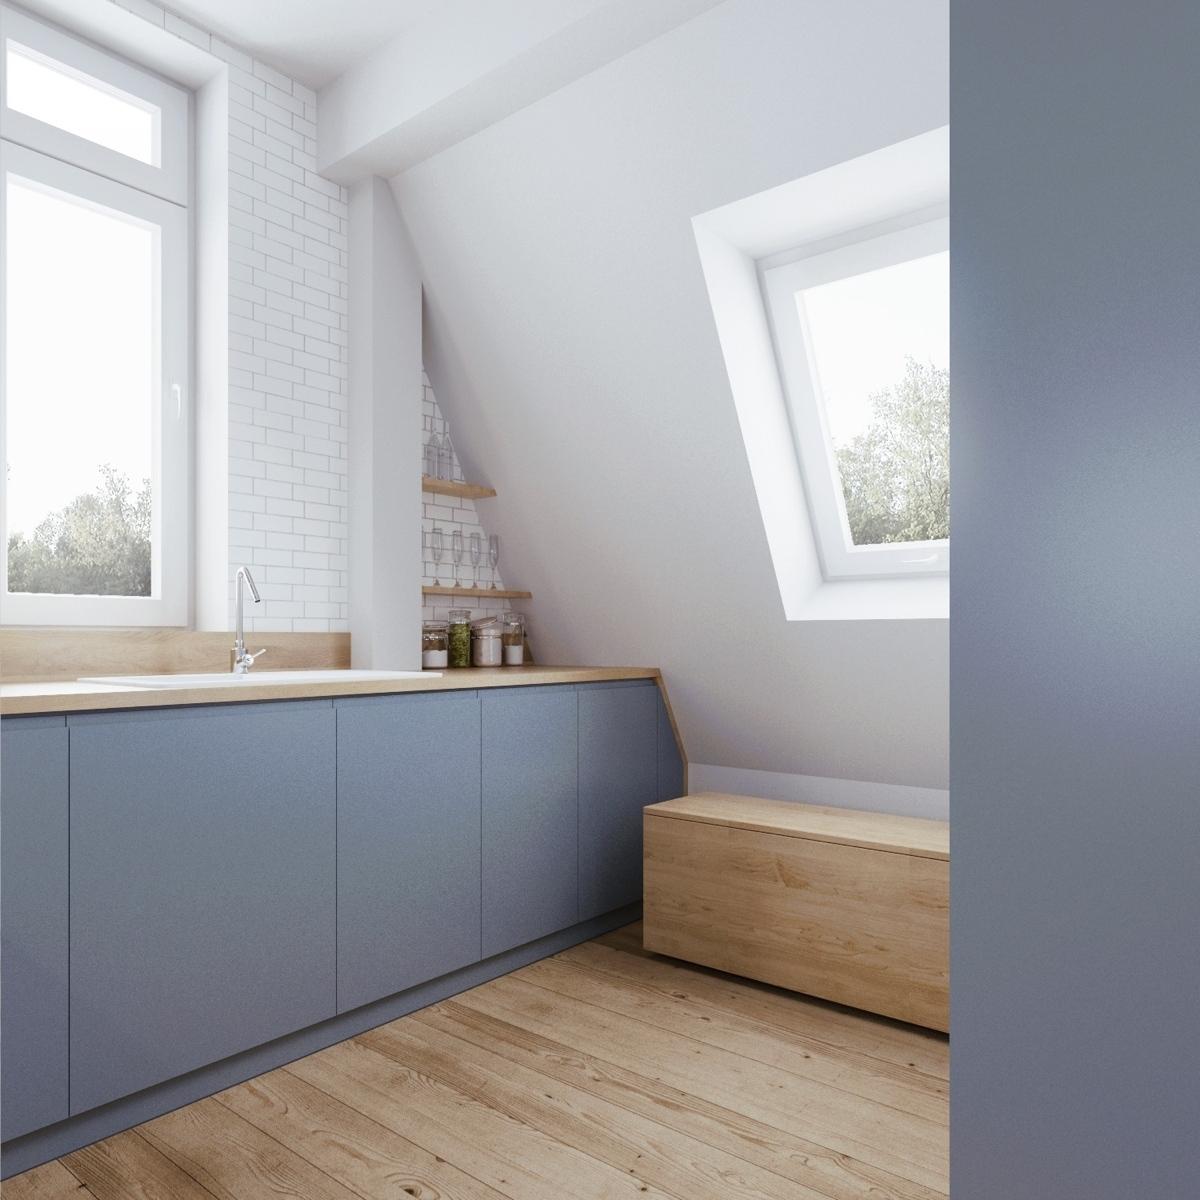 Wedo thiết kế nội thất thông minh cho căn hộ nhỏ tầng áp mái